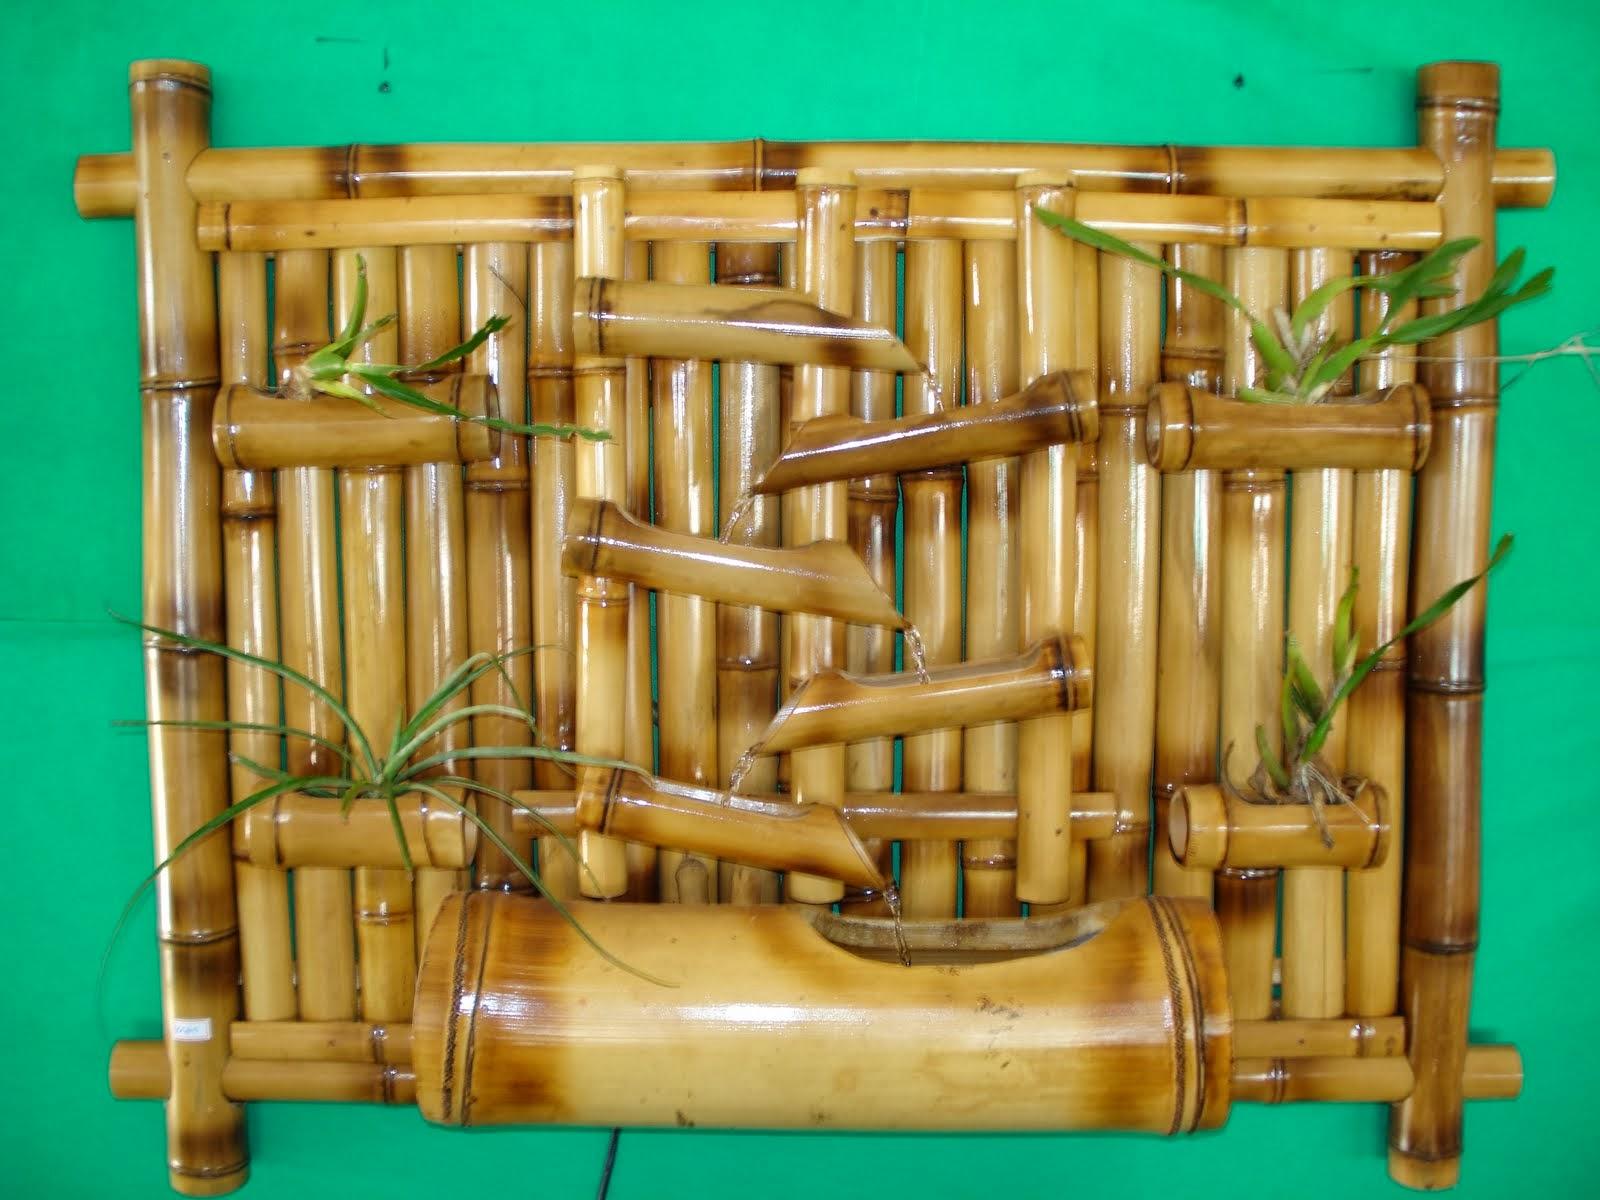 artesanato de bambu para jardim: de estar mais próximo da natureza trouxe aqui algumas ideias de